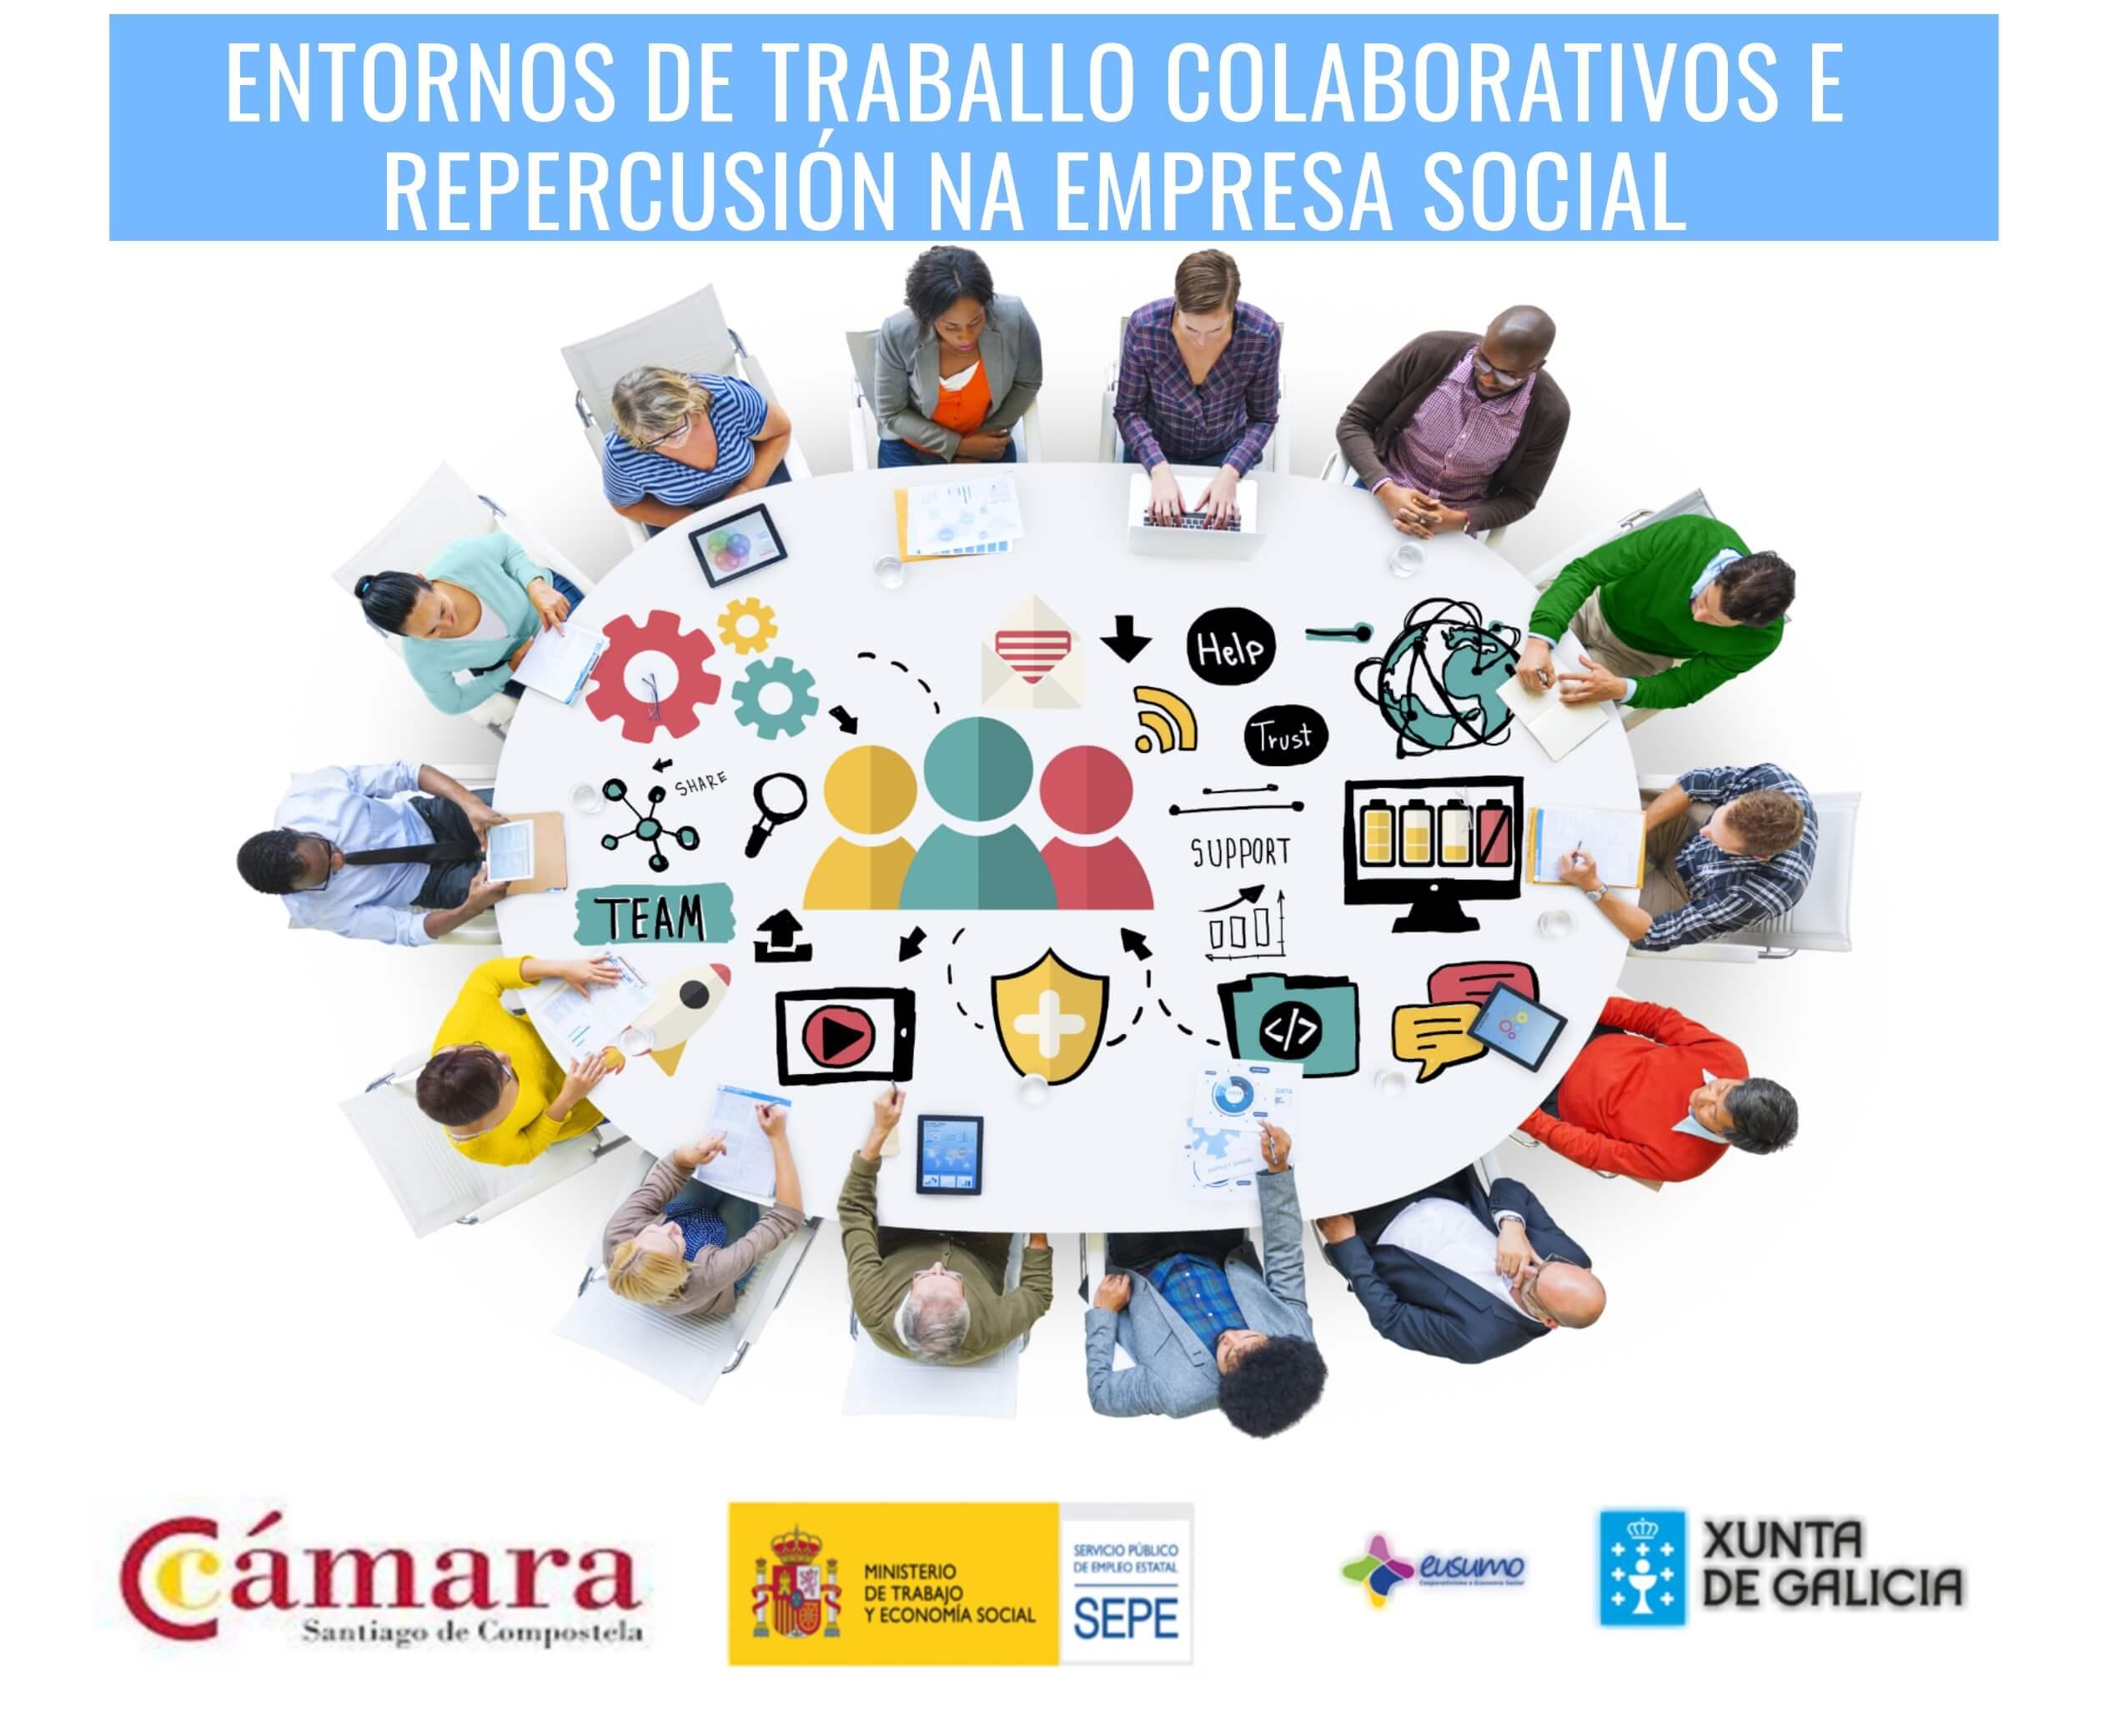 TALLER ENTORNOS DE TRABALLO COLABORATIVOS E REPERCUSIÓN NA EMPRESA SOCIAL